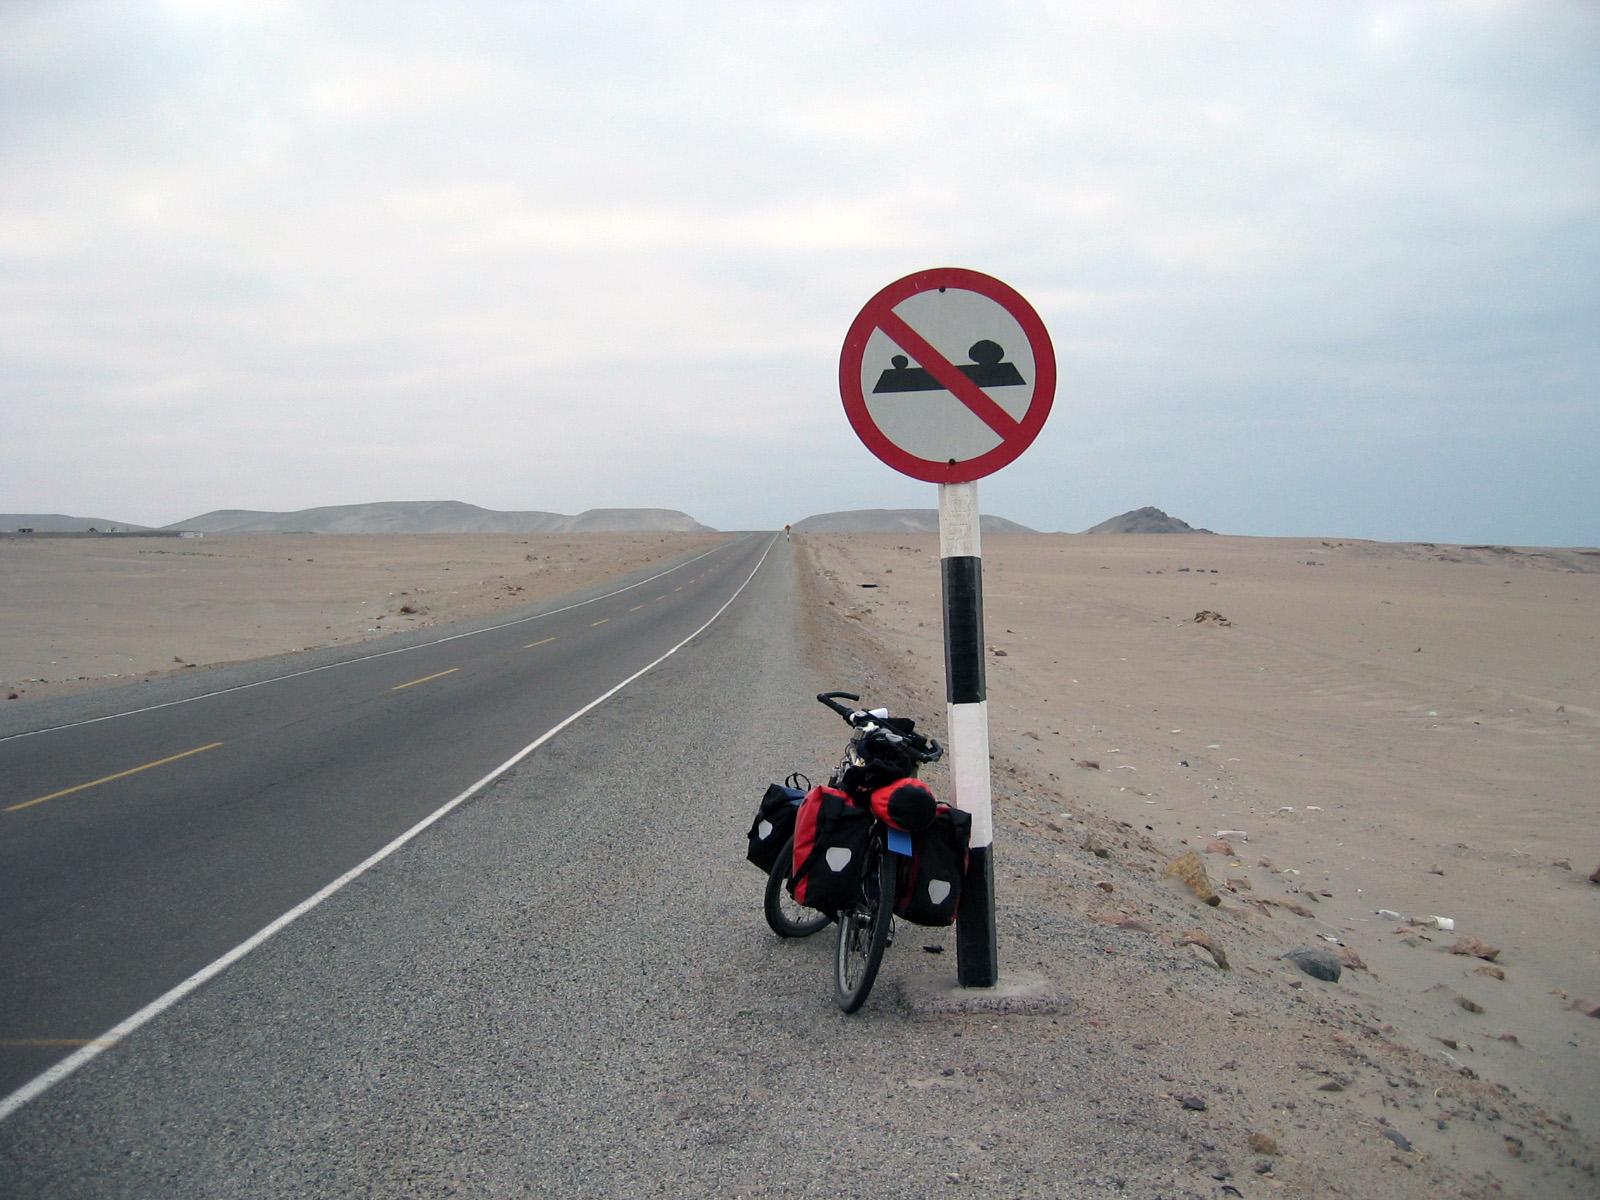 Funny Road Sign 37 Widescreen Wallpaper